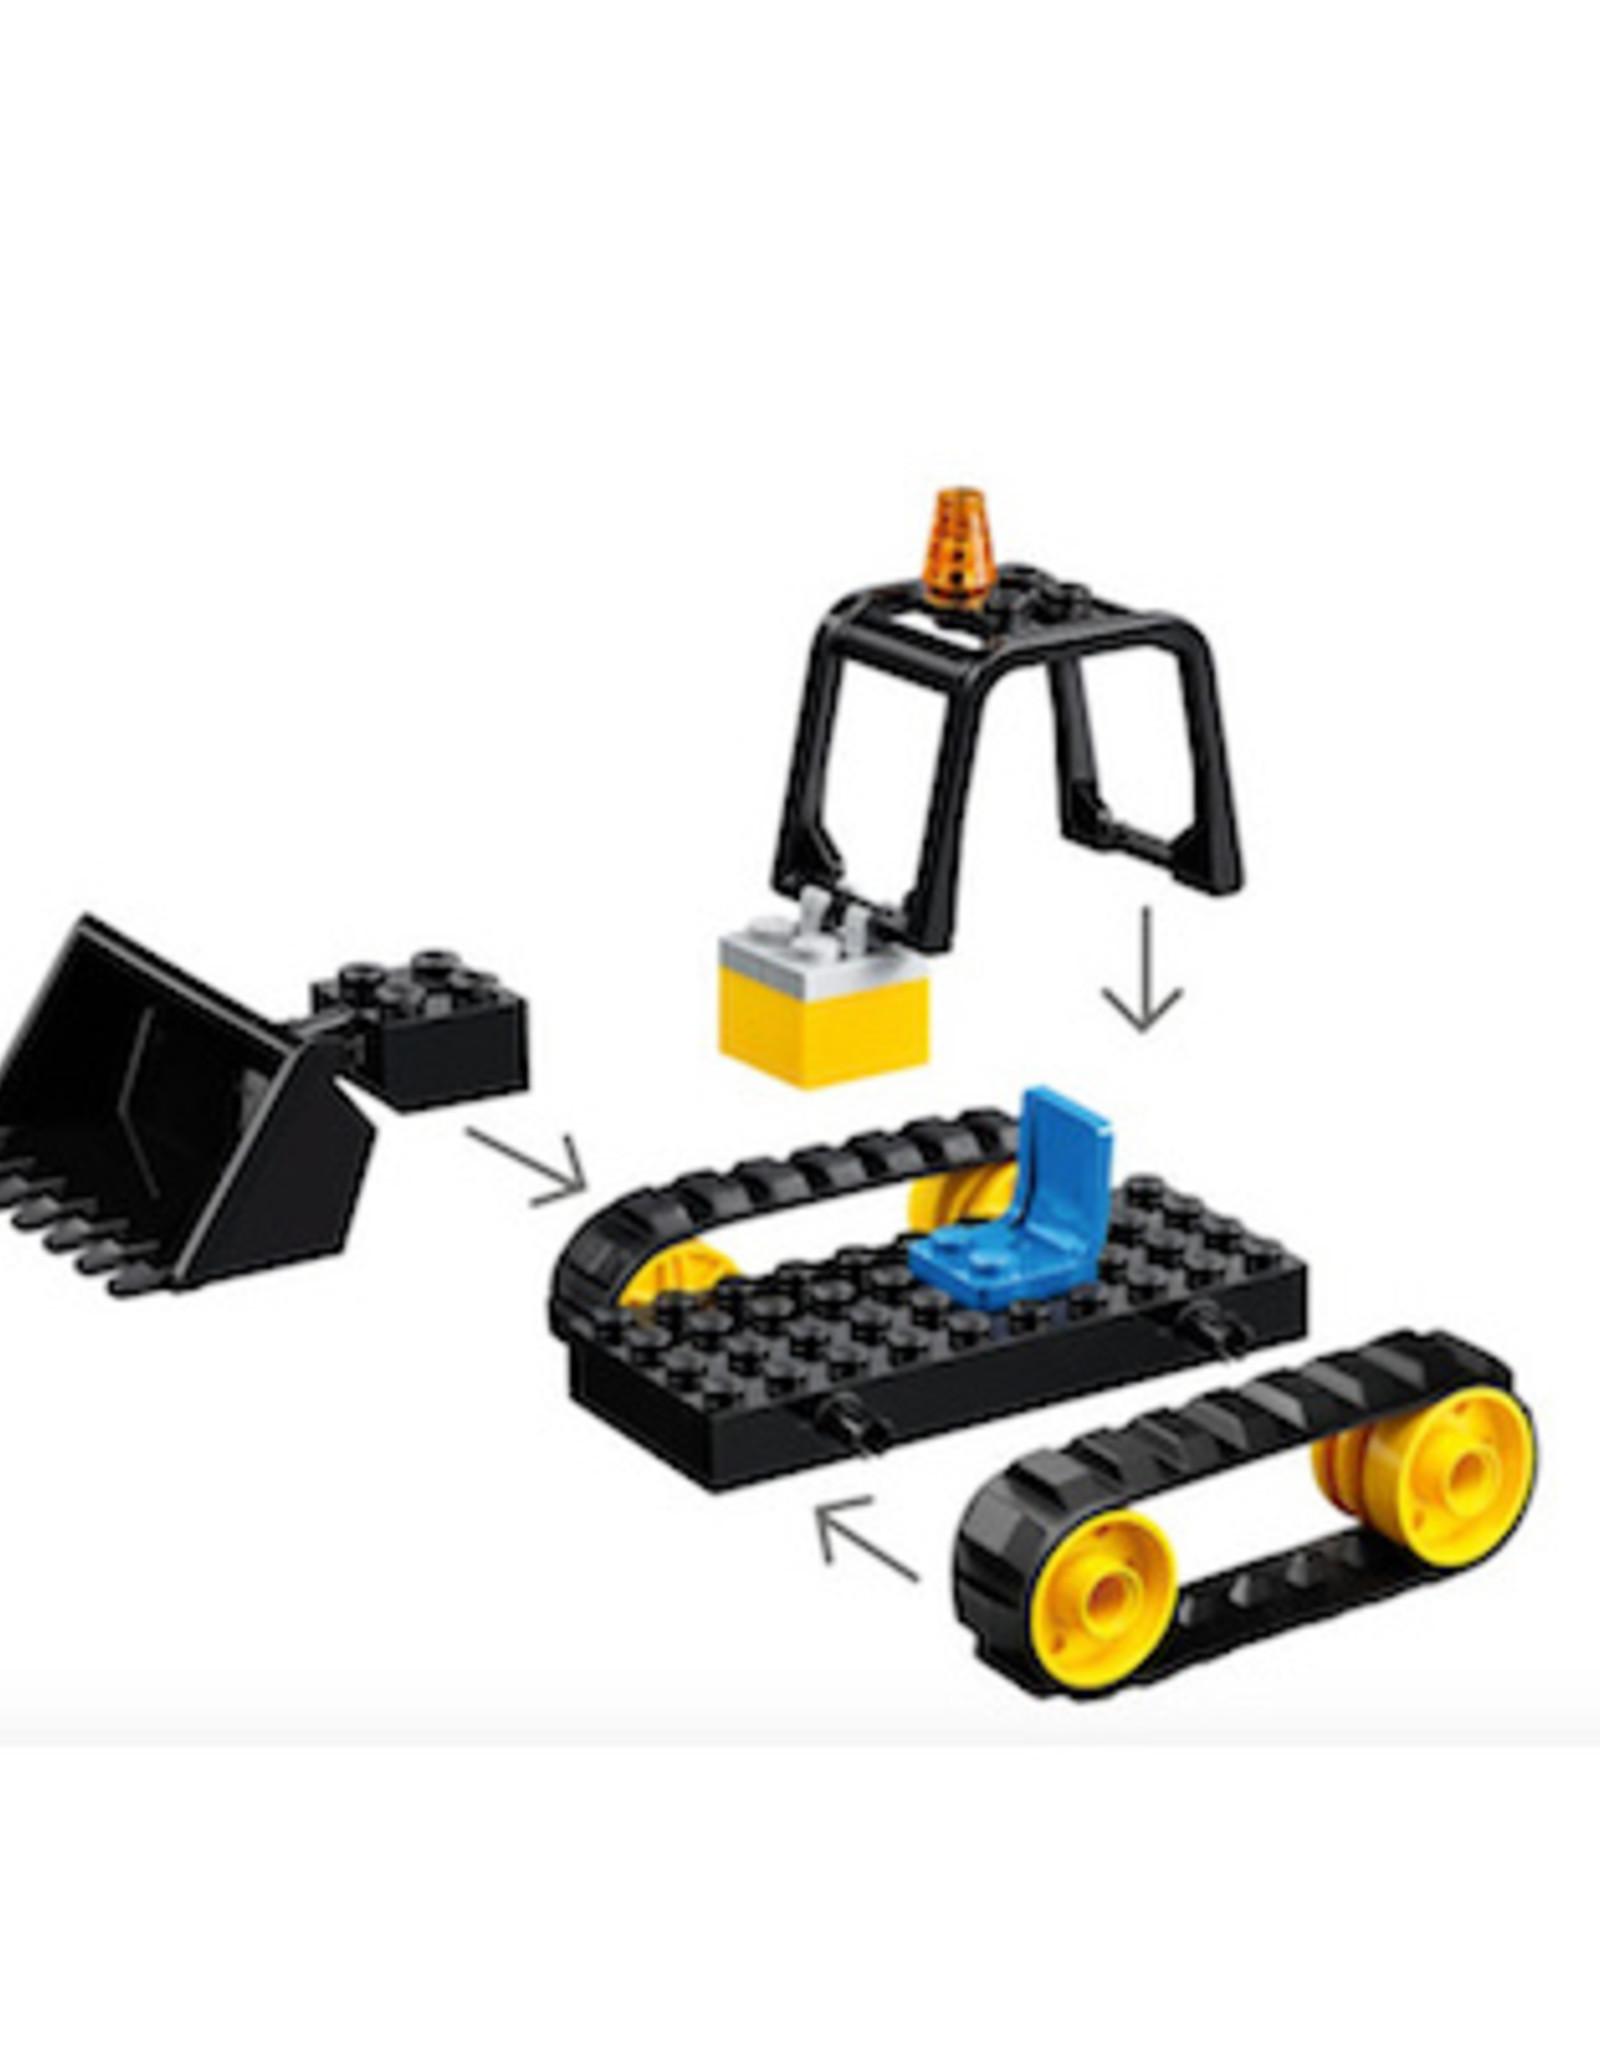 Lego City Vehicle Construction Bulldozer